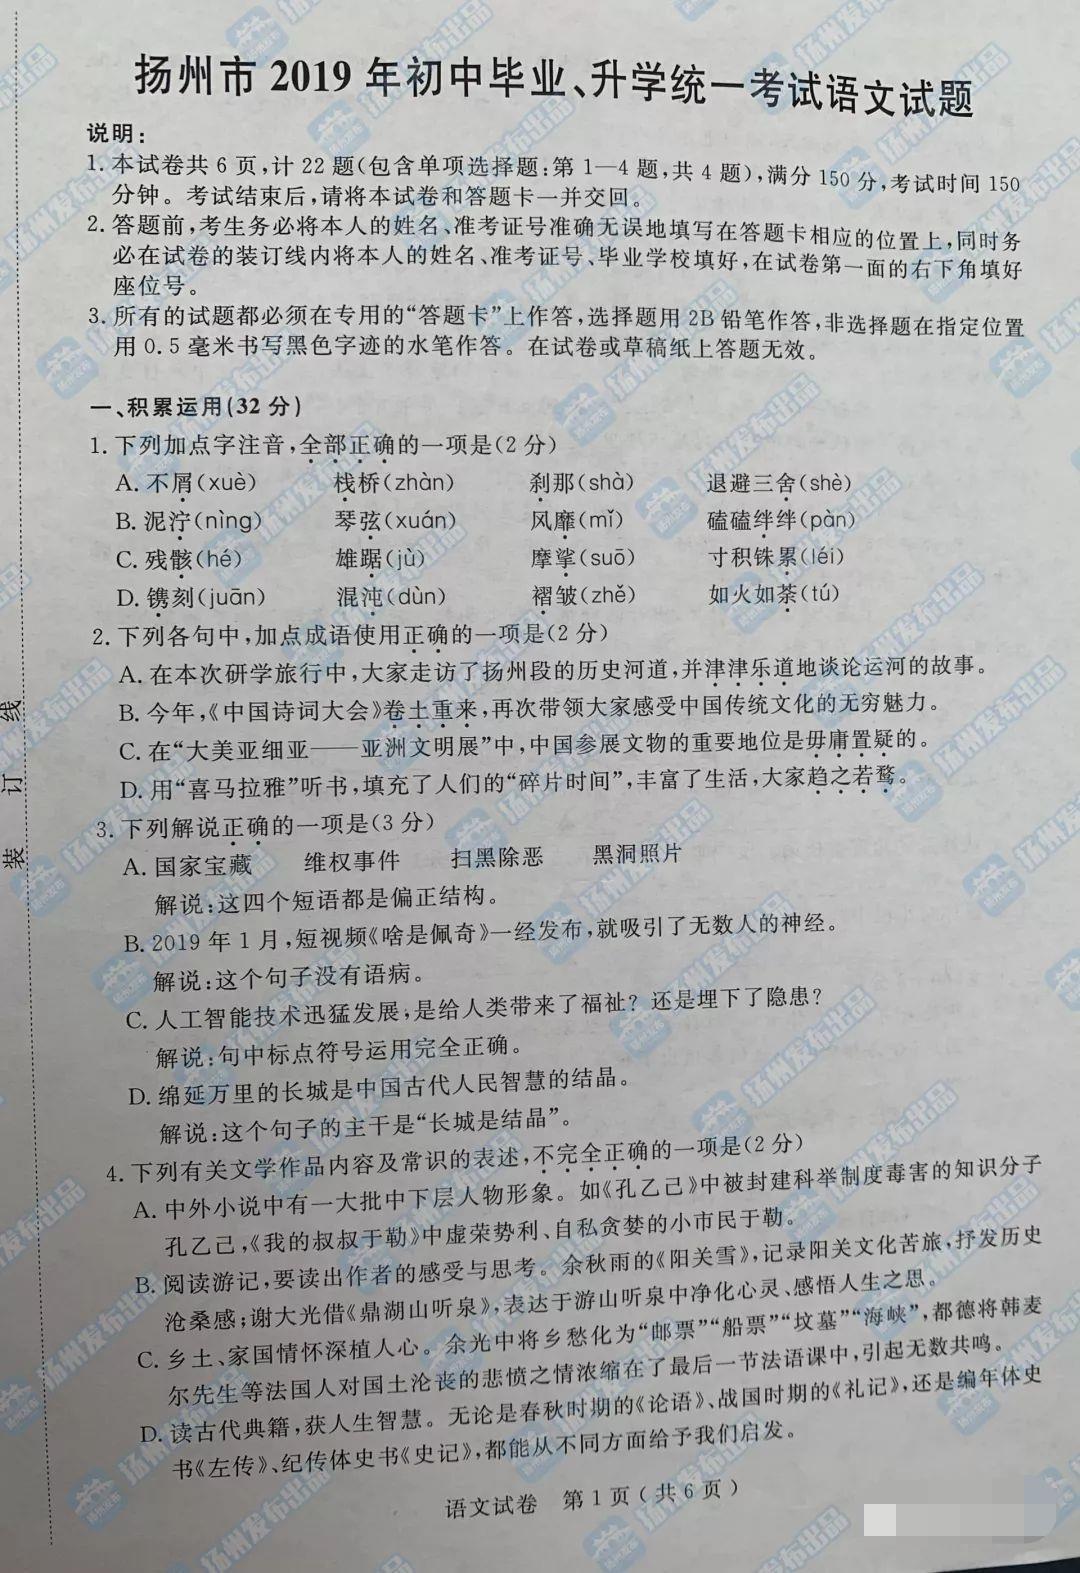 2019年江蘇揚州中考語文真題【圖片版】.jpg